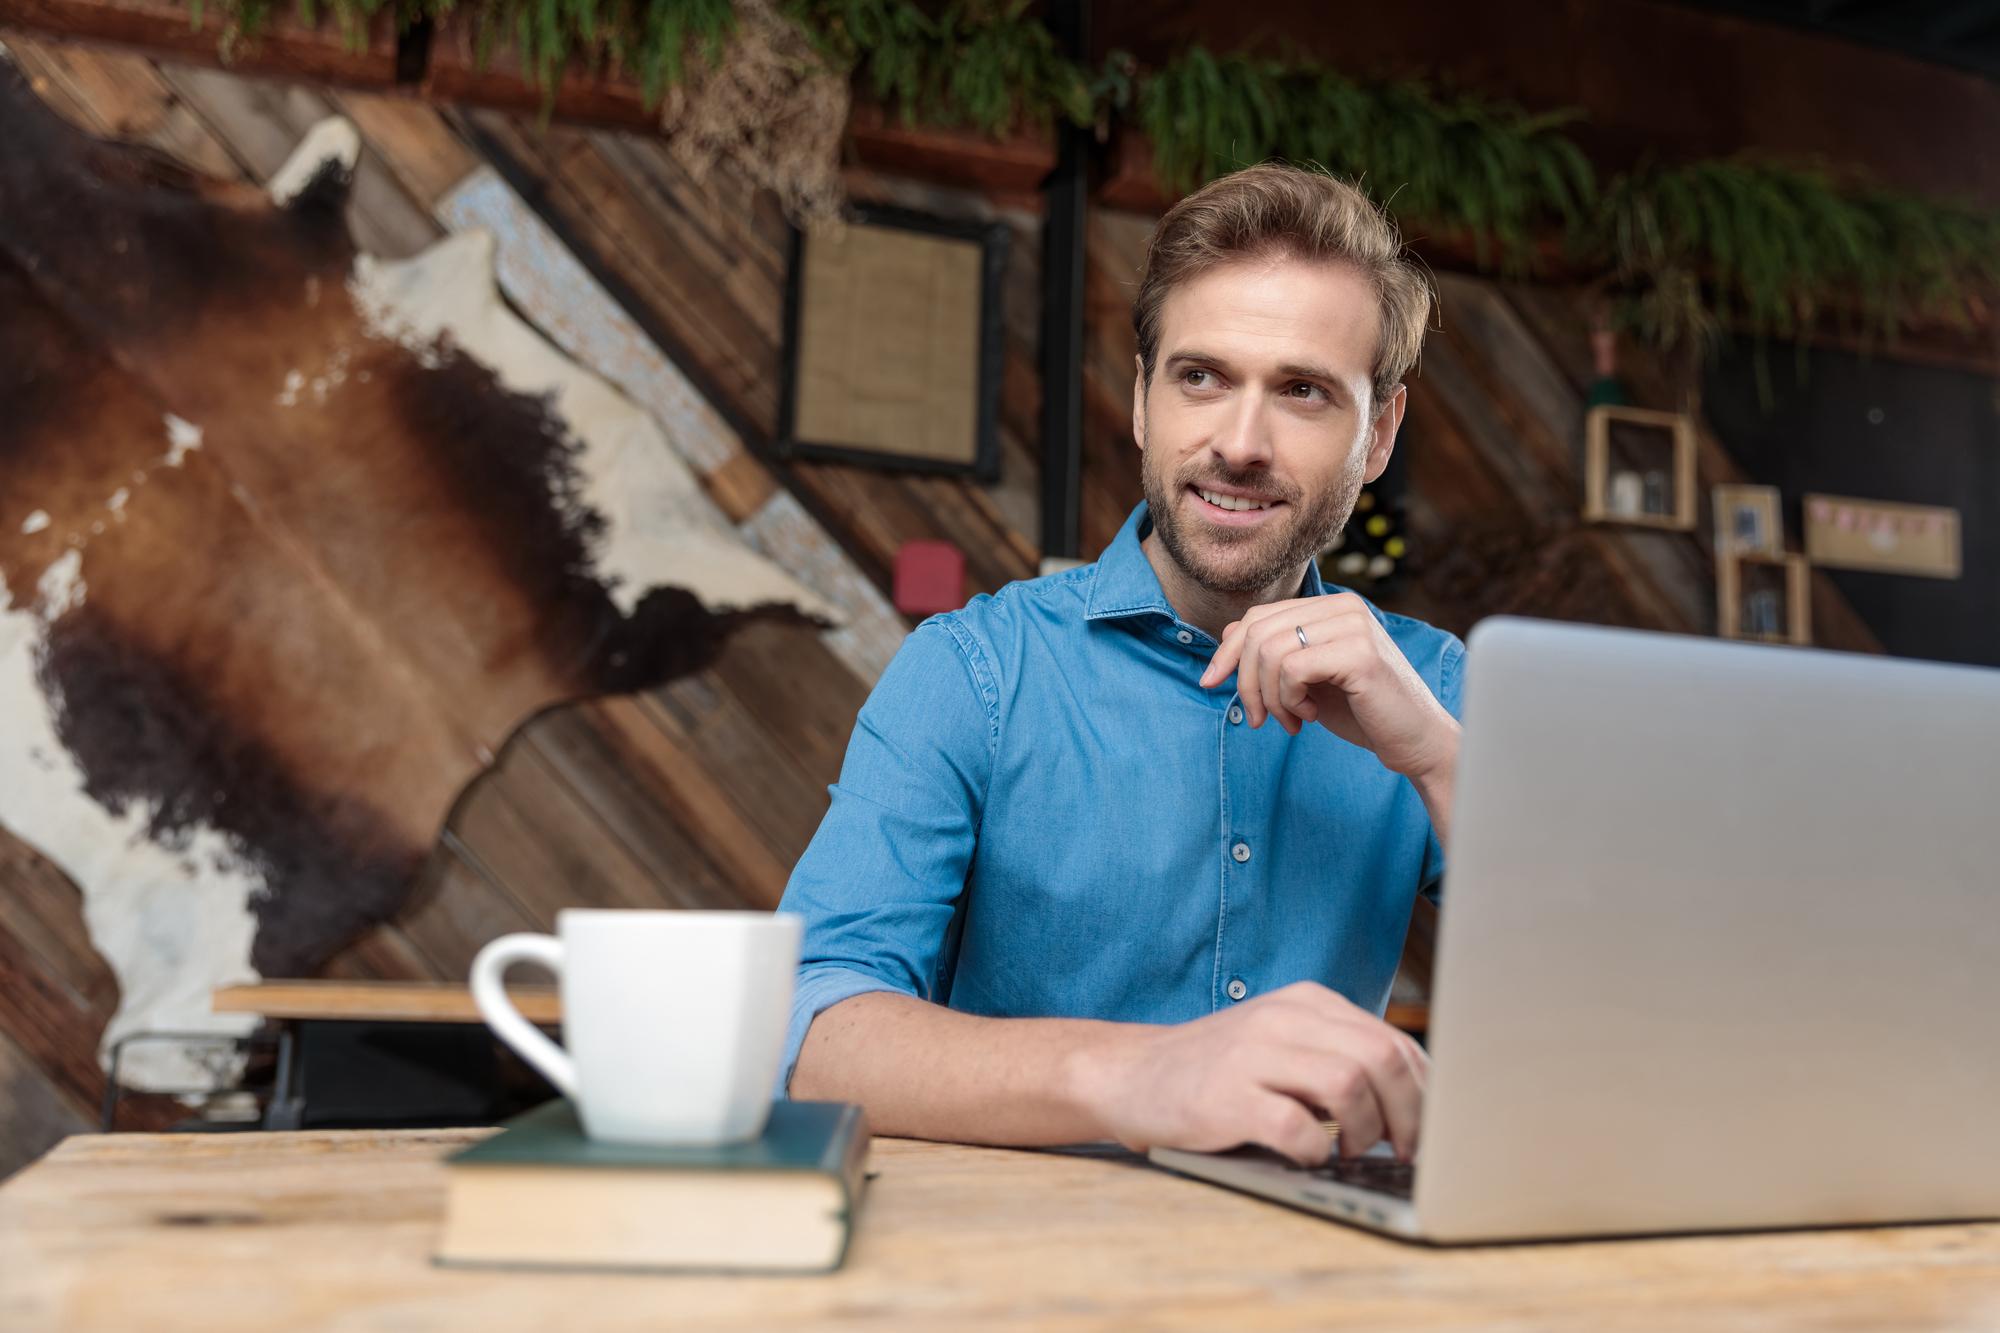 Emplois de rédaction indépendants avancés